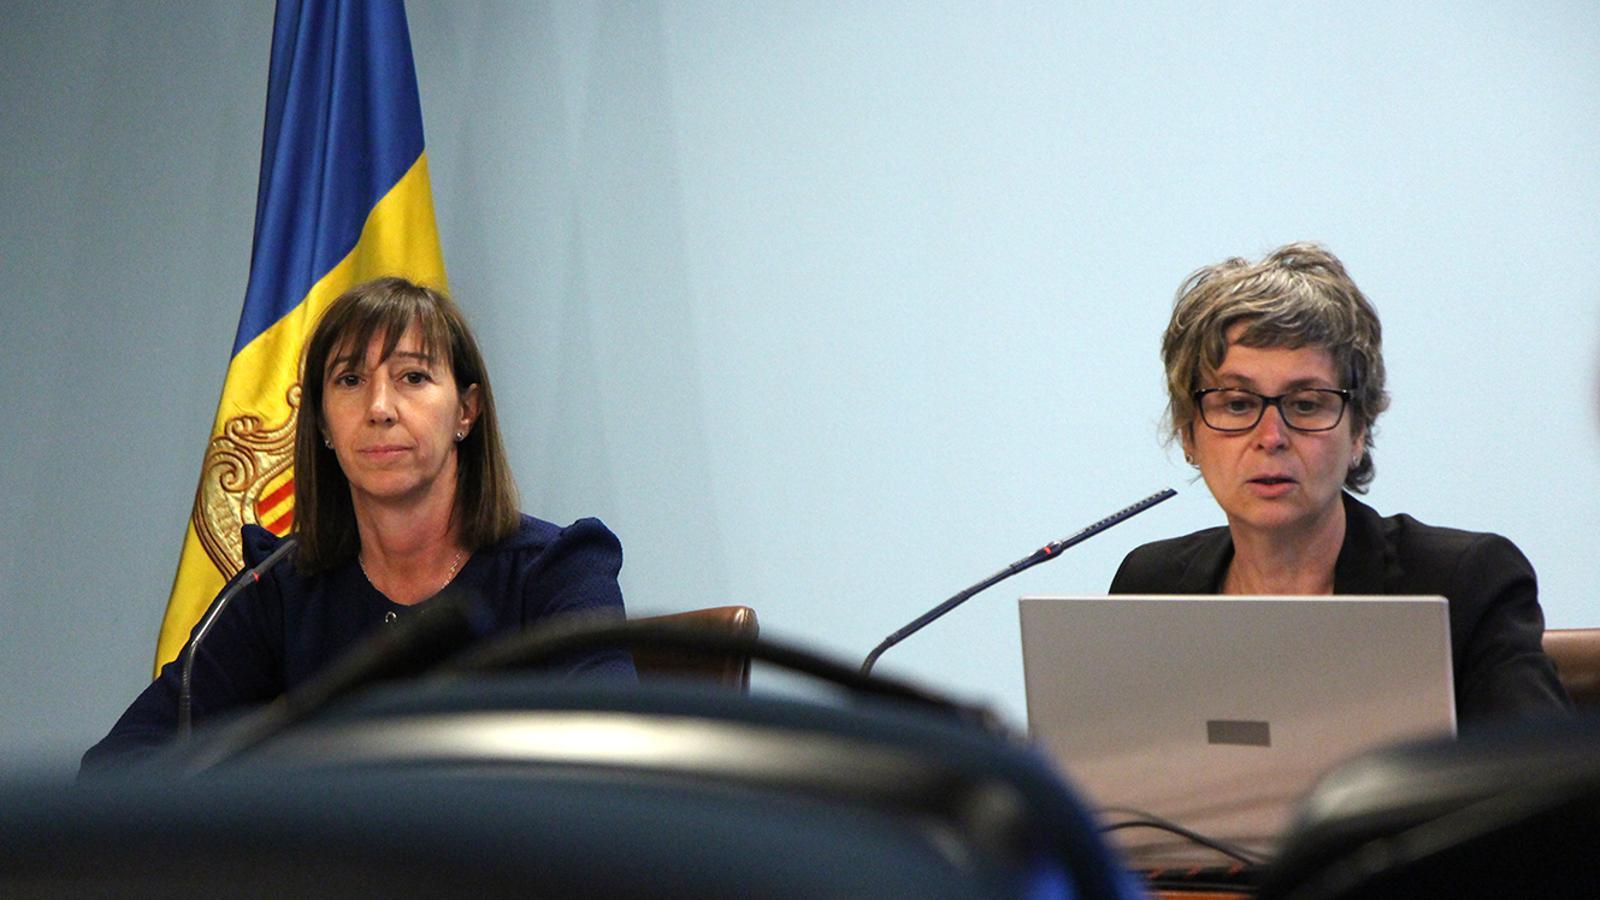 La ministra de la Funció Pública i Reforma de l'Administració, Eva Descarrega, i la cap d'àrea d'Arxius i Documents, Susanna Vela, durant la roda de premsa.